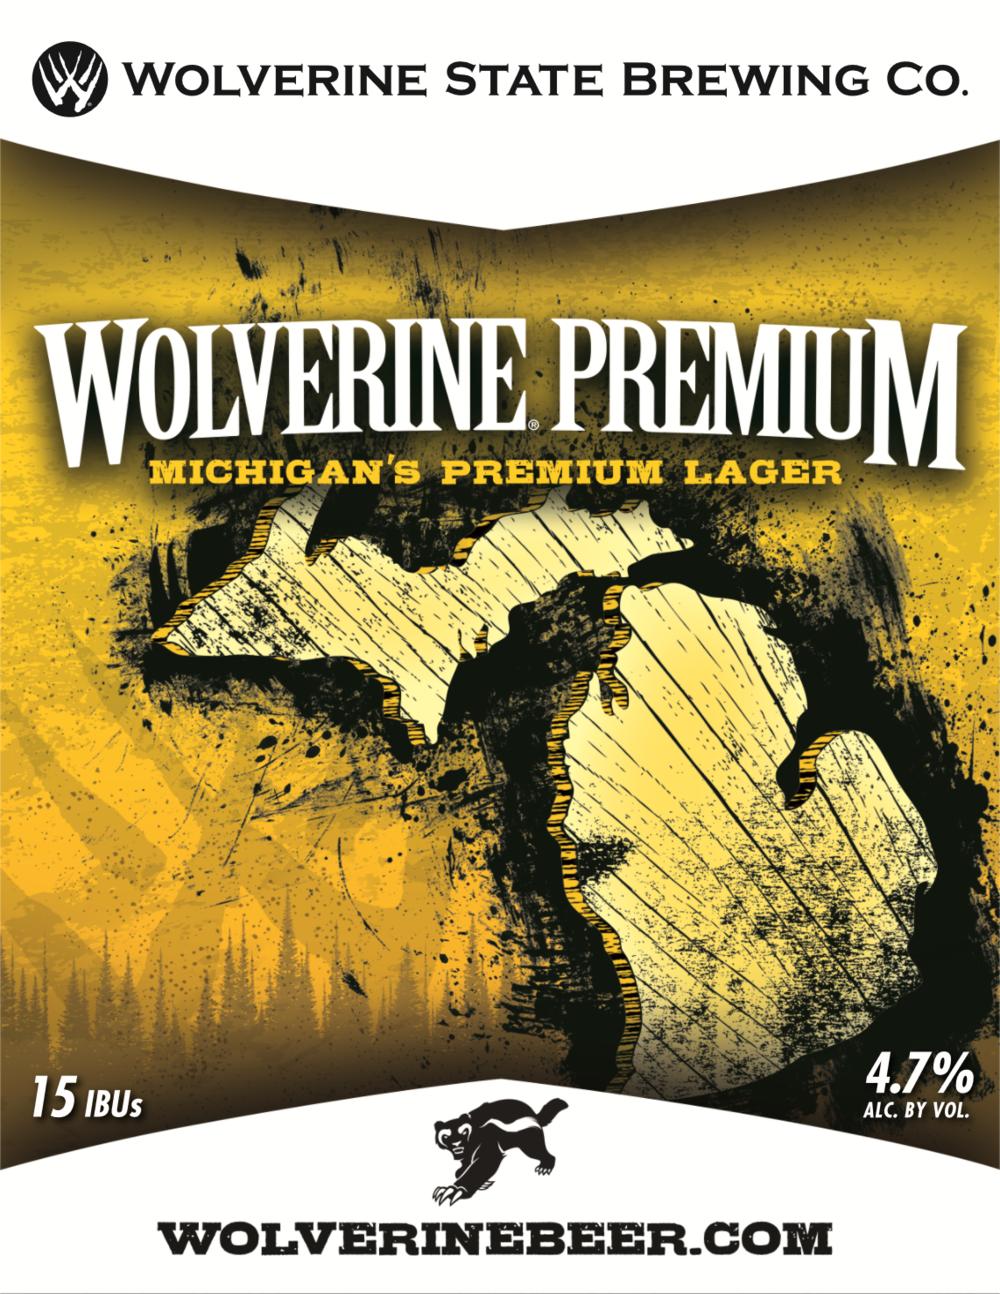 Wolverine_Premium_Lager.jpg